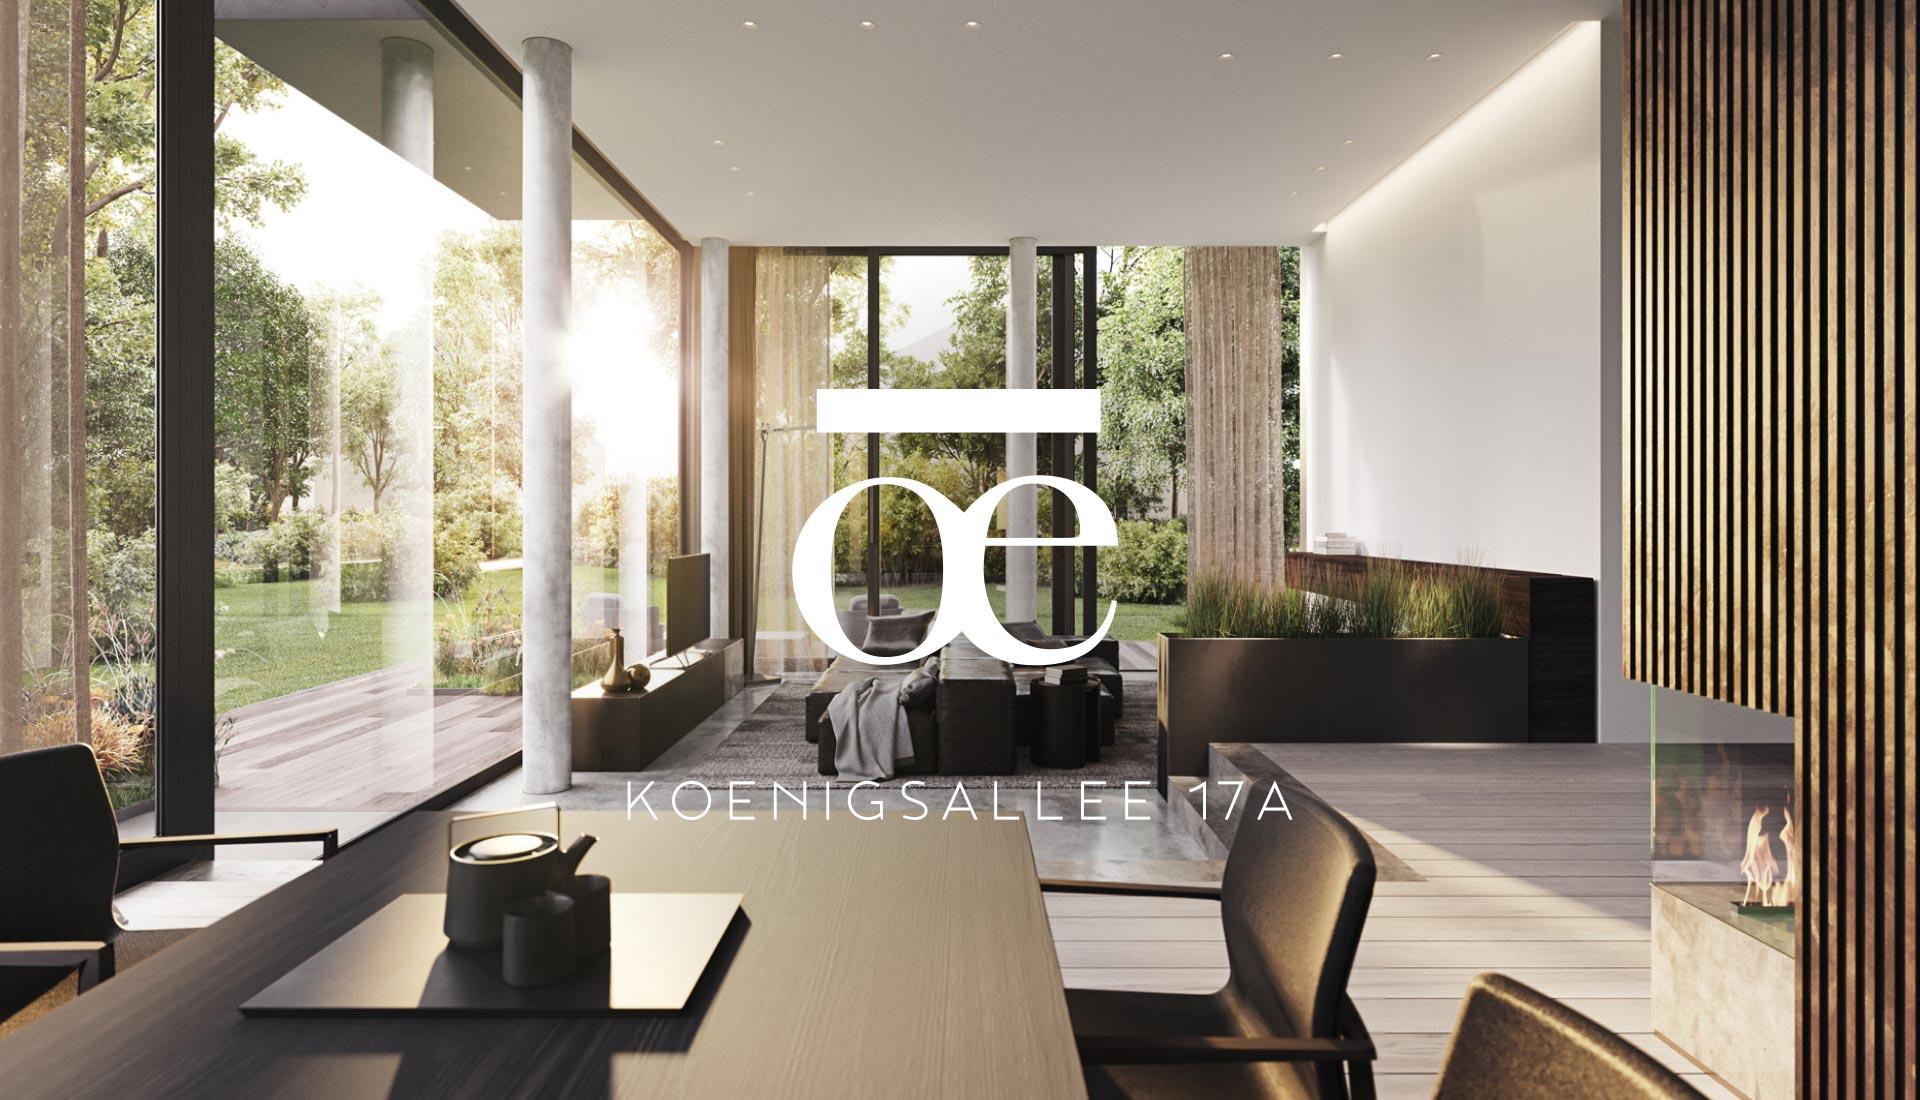 Markendesign für Eigentumswohnungen / Immobilien in Berlin Grunewald